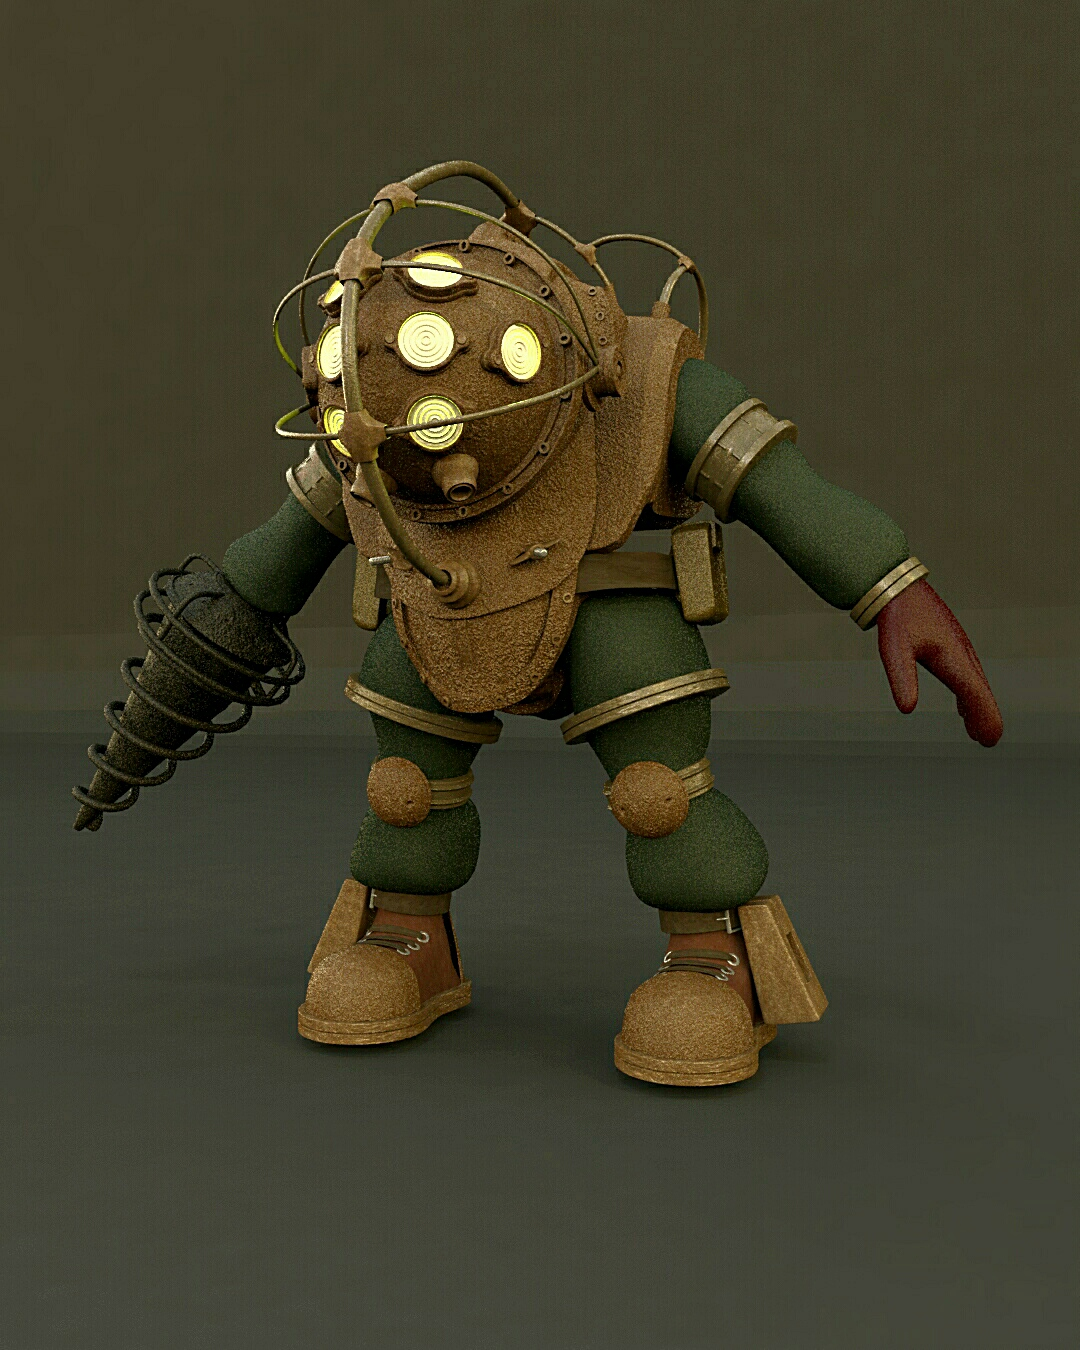 Bioshock : Big Daddy